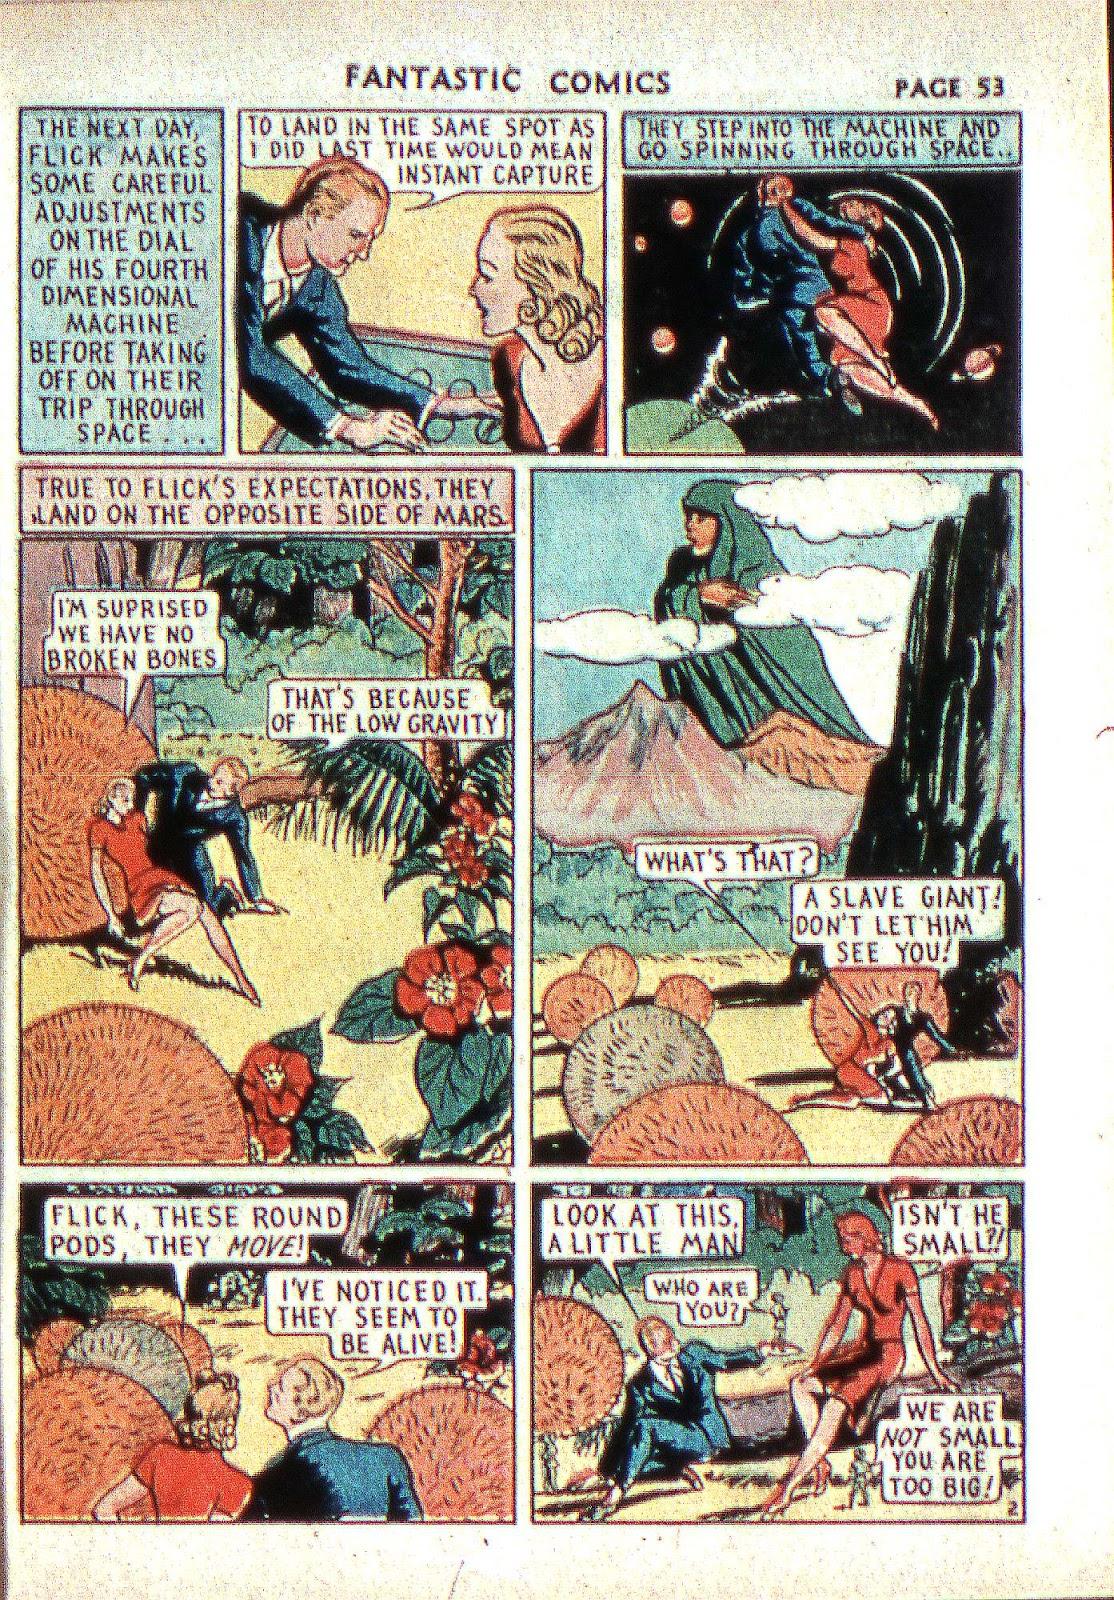 Read online Fantastic Comics comic -  Issue #2 - 54